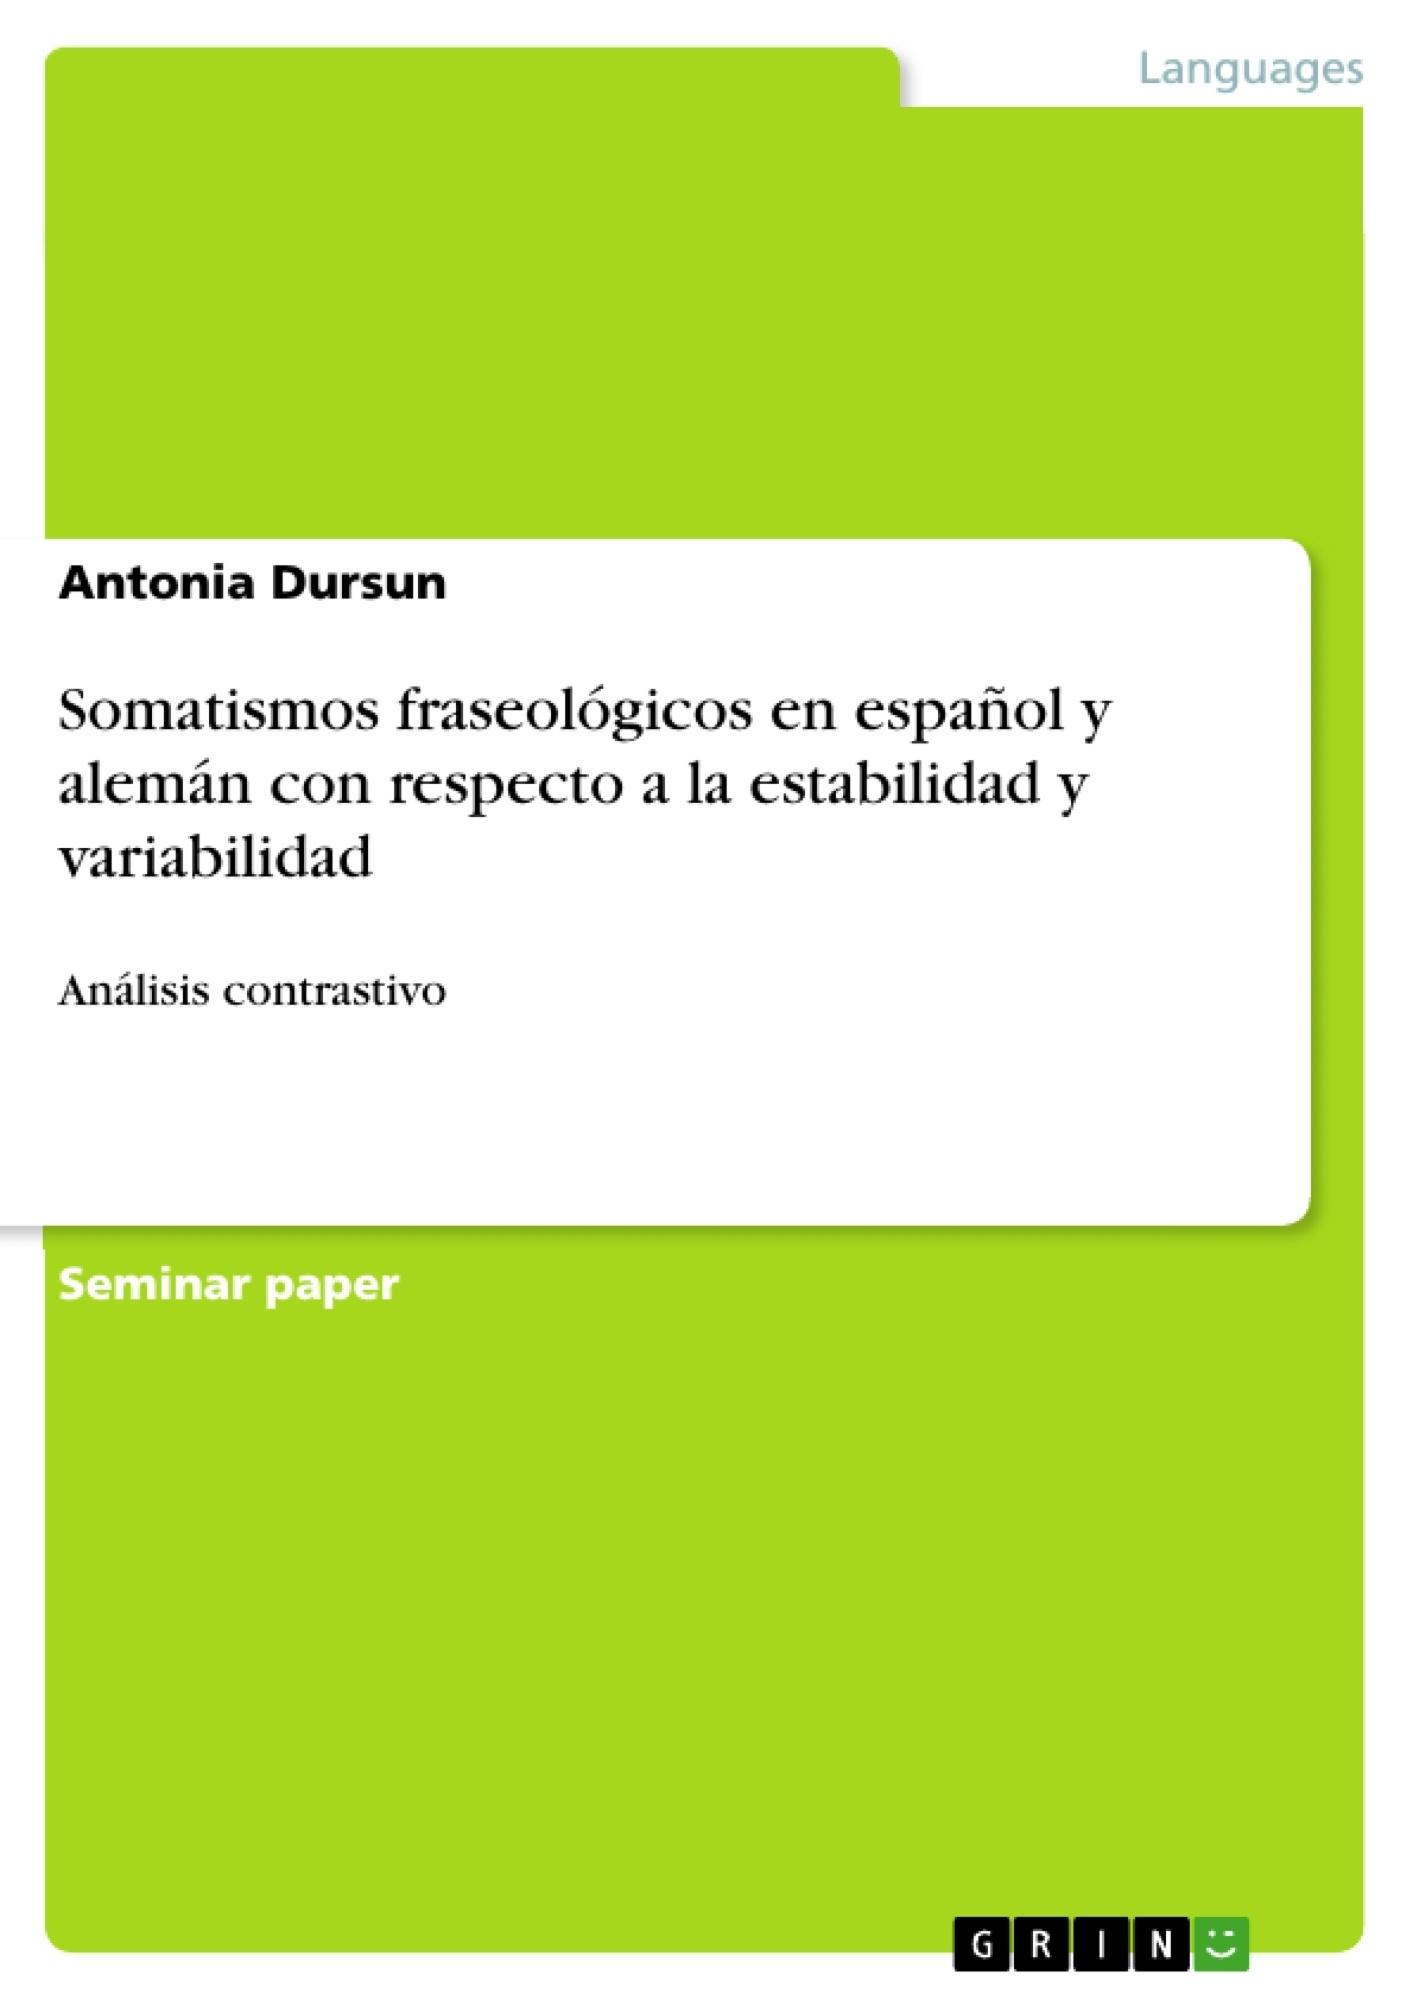 Título: Somatismos fraseológicos en español y alemán con respecto a la estabilidad y variabilidad